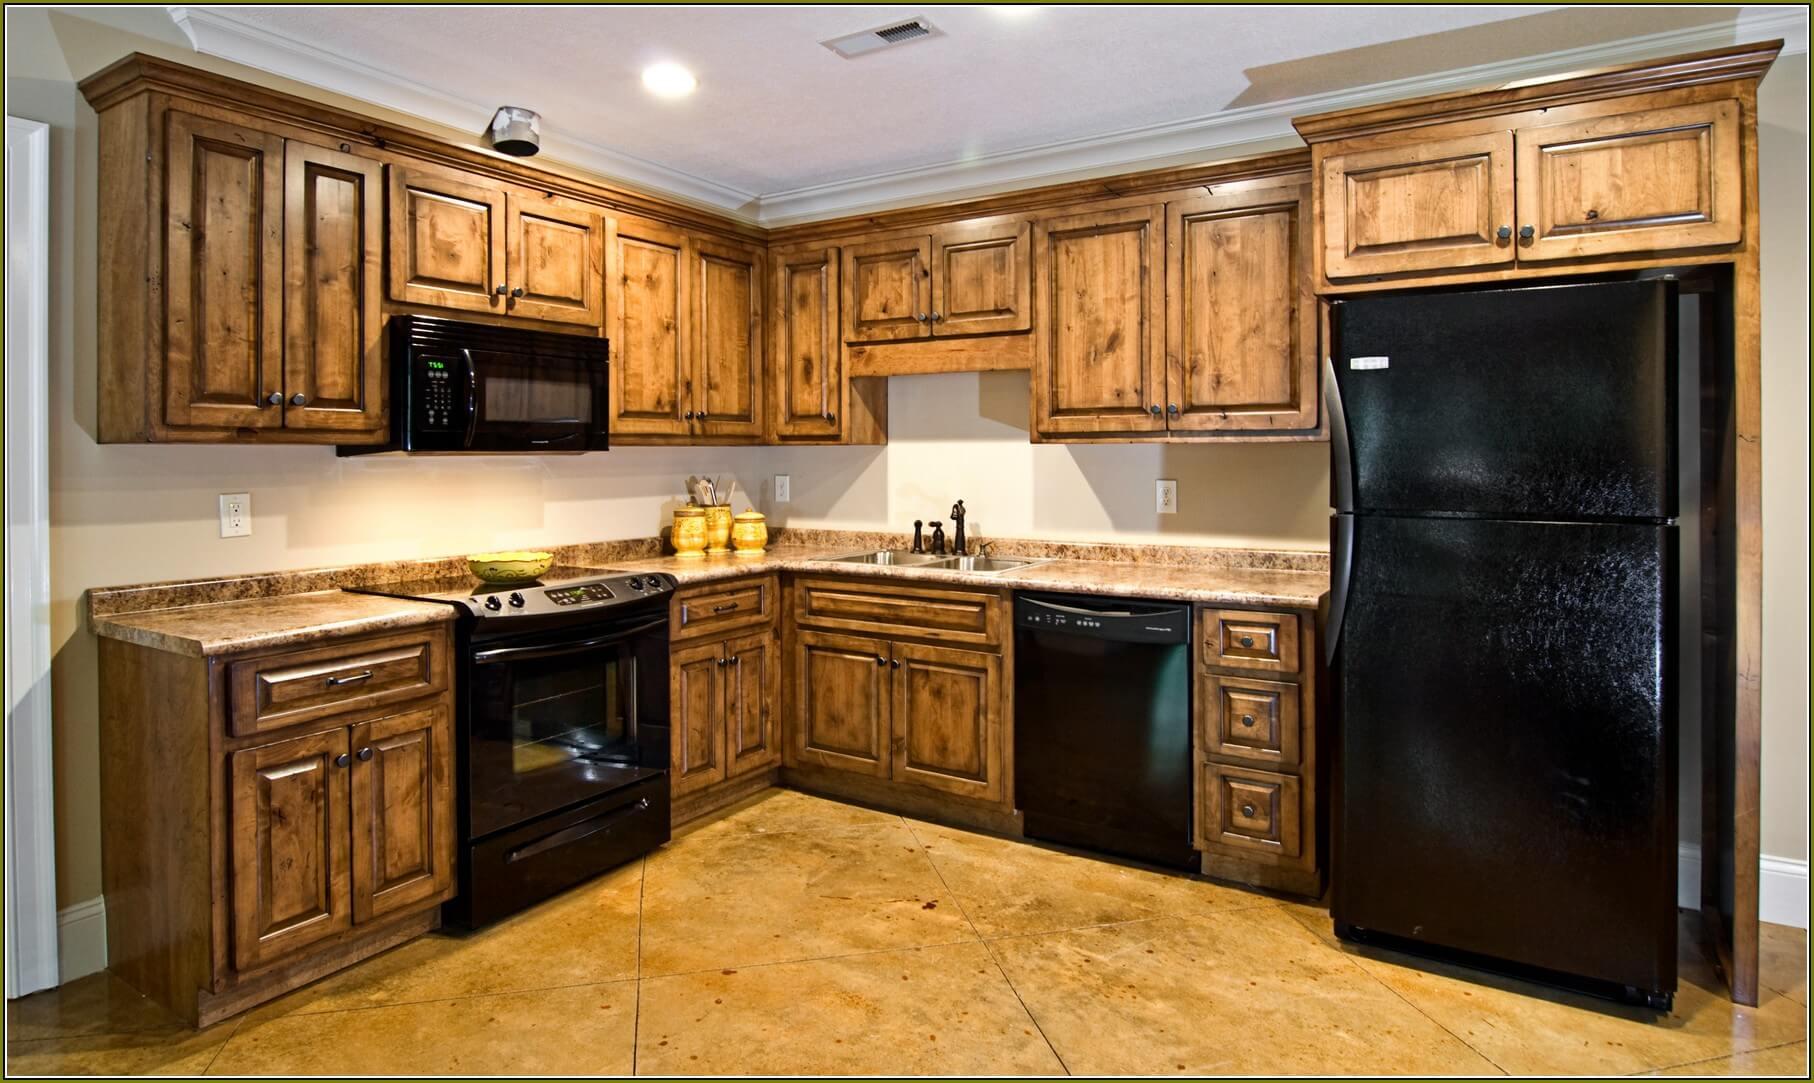 dark-knotty-alder-kitchen-cabinets & dark-knotty-alder-kitchen-cabinets - We Organize-U